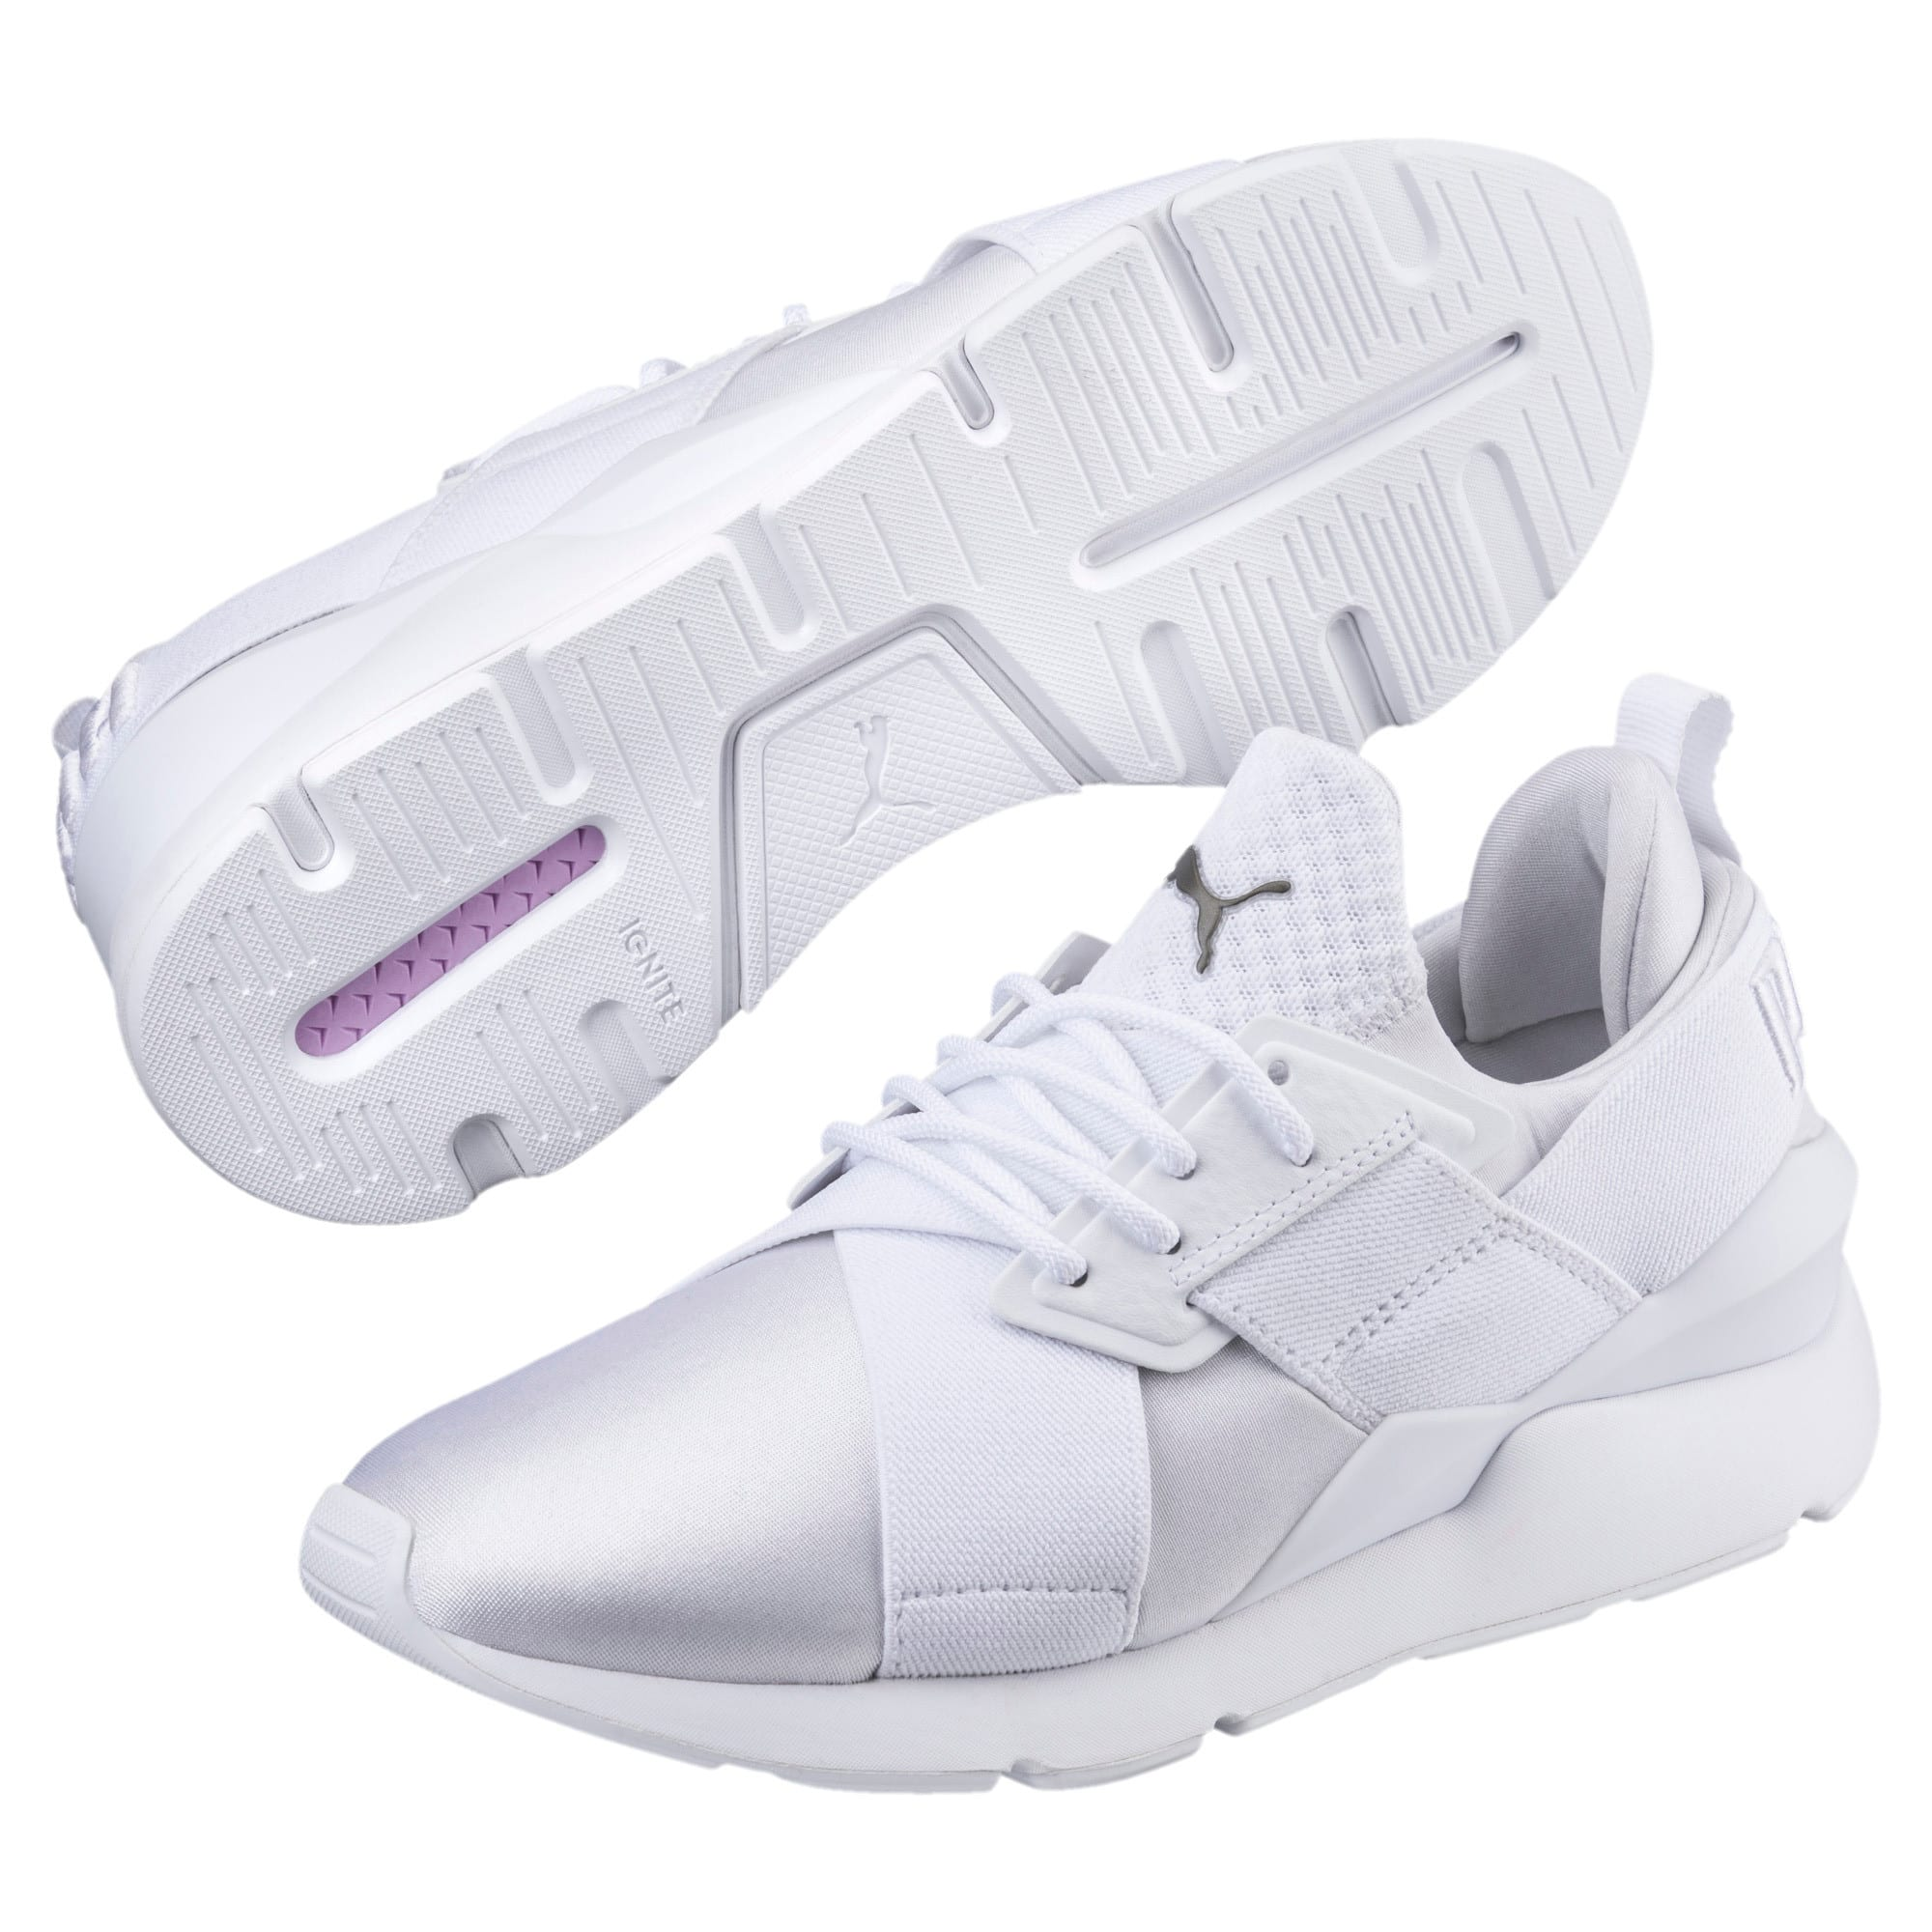 Thumbnail 2 of En Pointe Muse Satin Women's Sneakers, Puma White-Puma White, medium